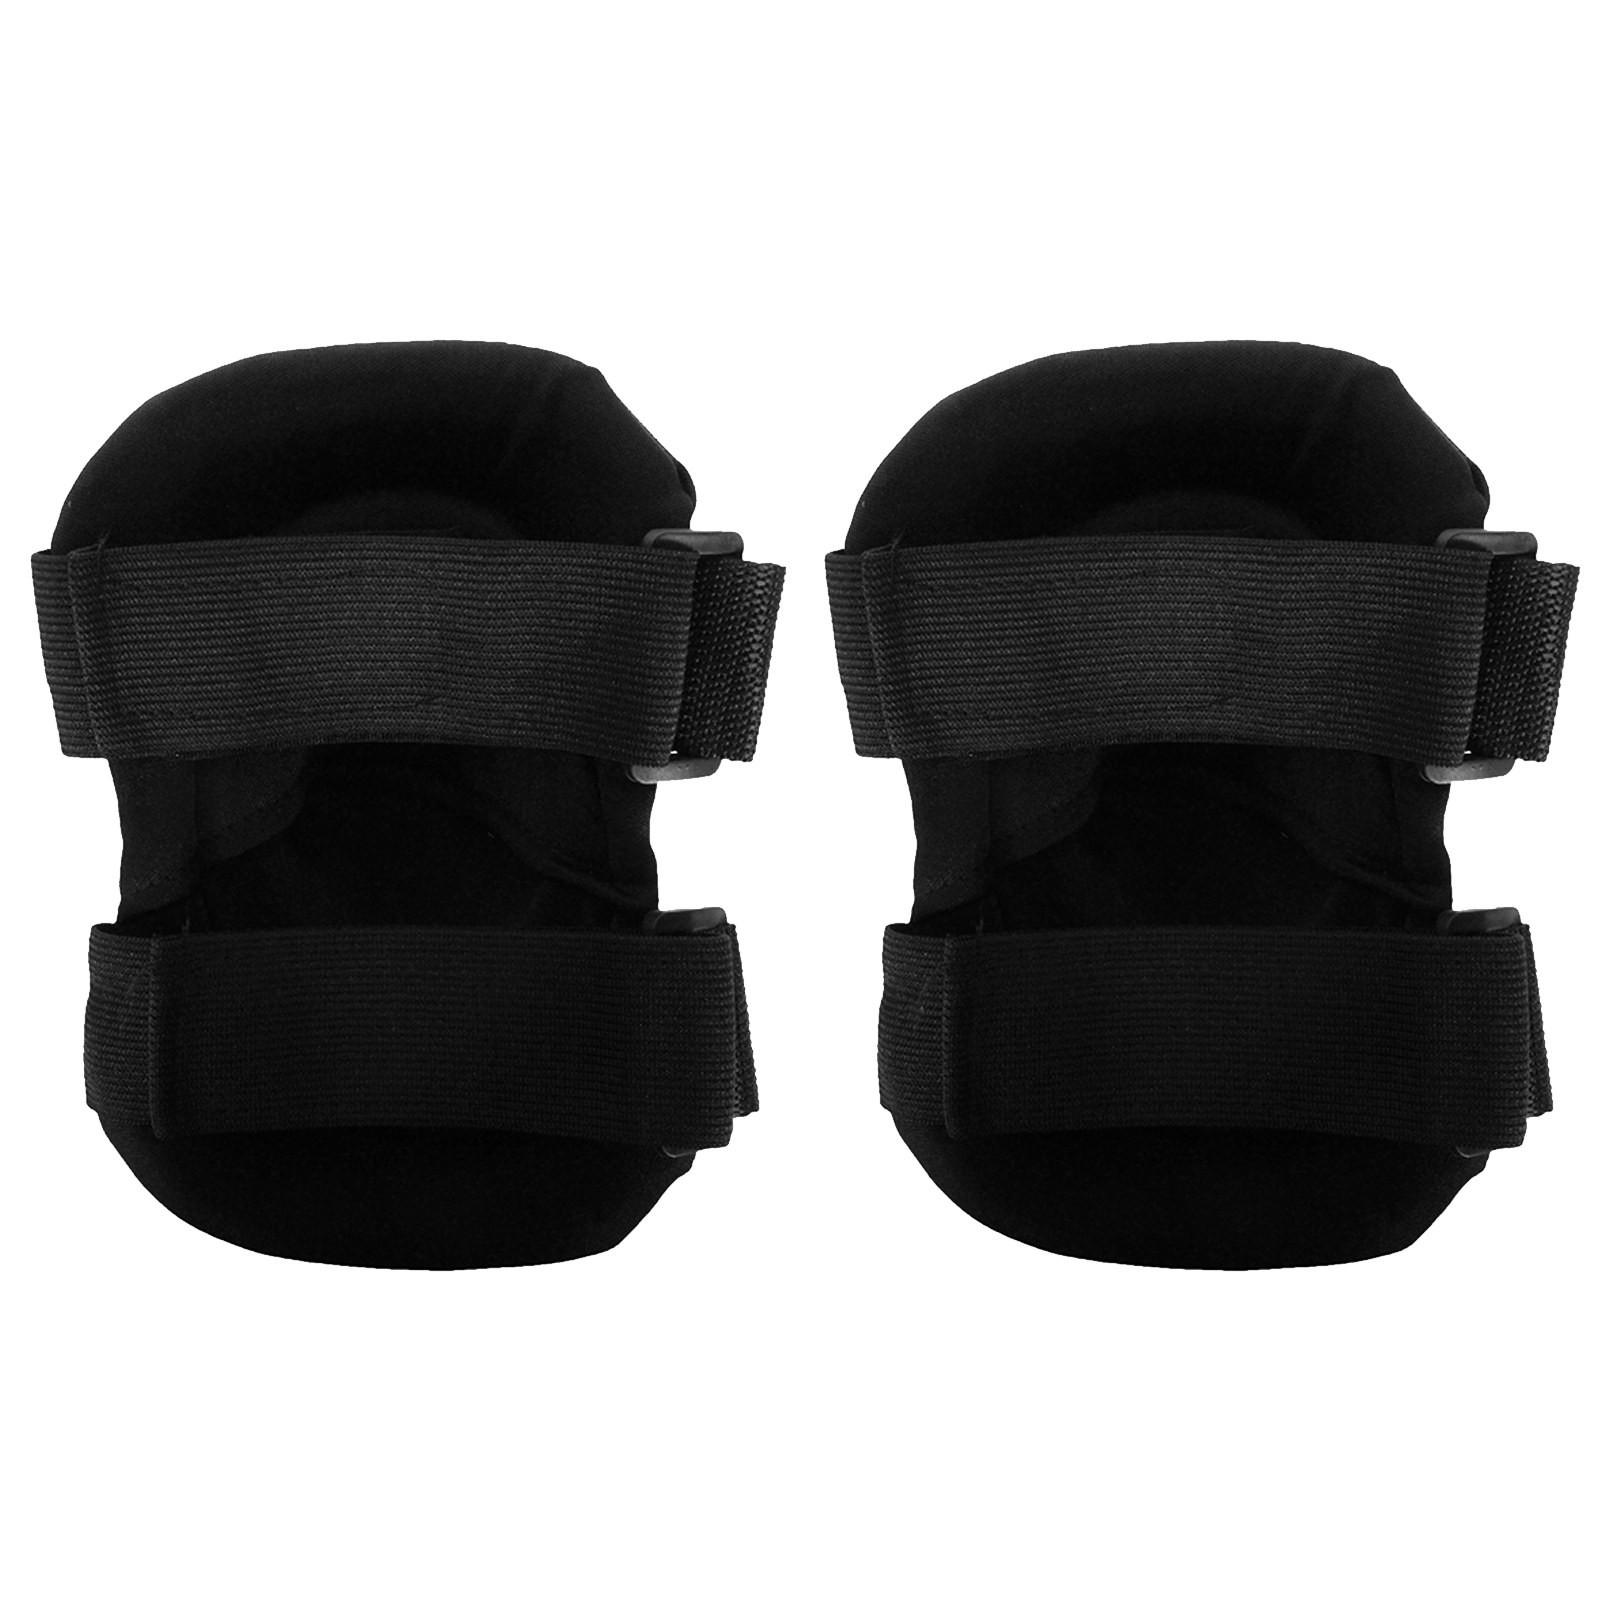 Kit ginocchiere e gomitiere di protezione rigide softair nere royal shop softair - Ginocchiere da piastrellista professionali ...